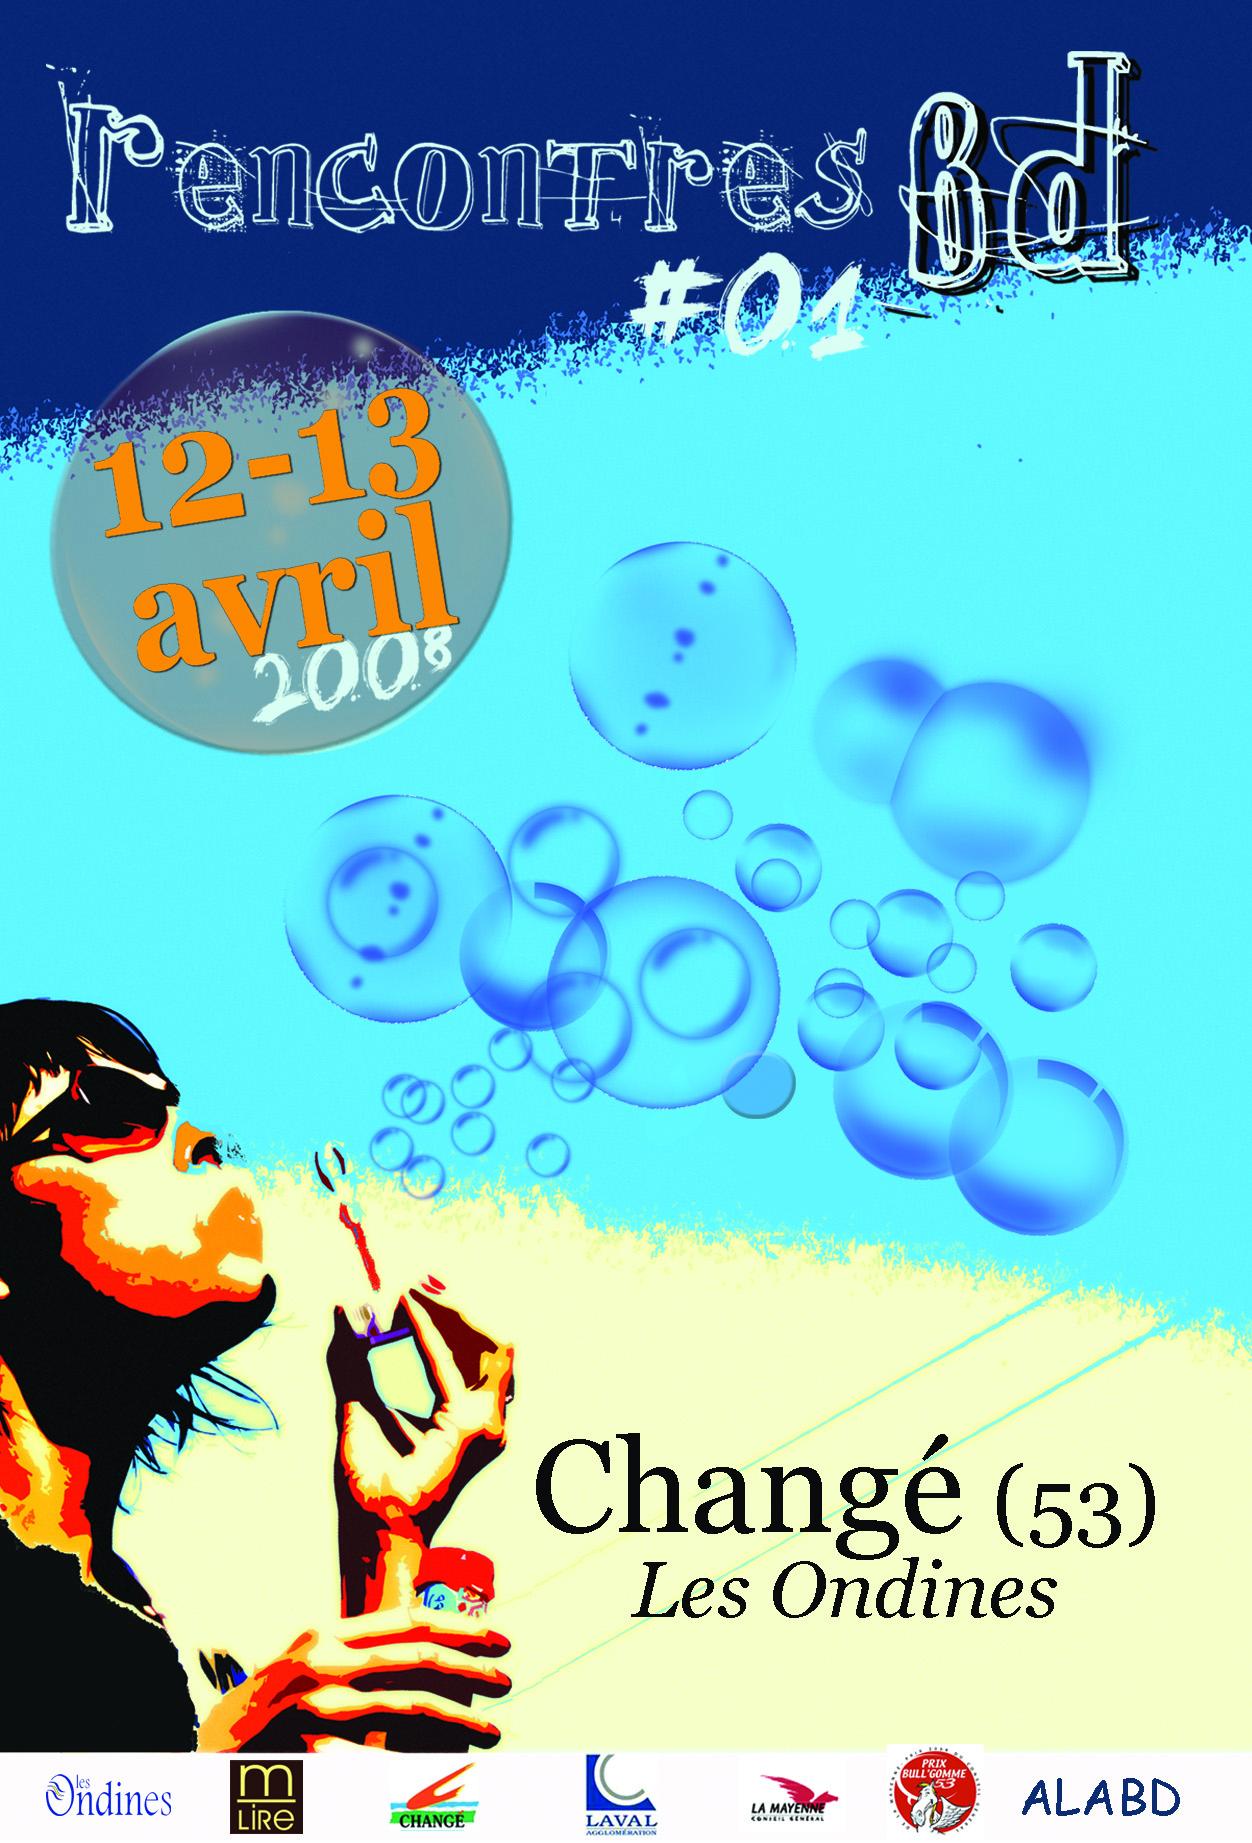 Rencontres bd change